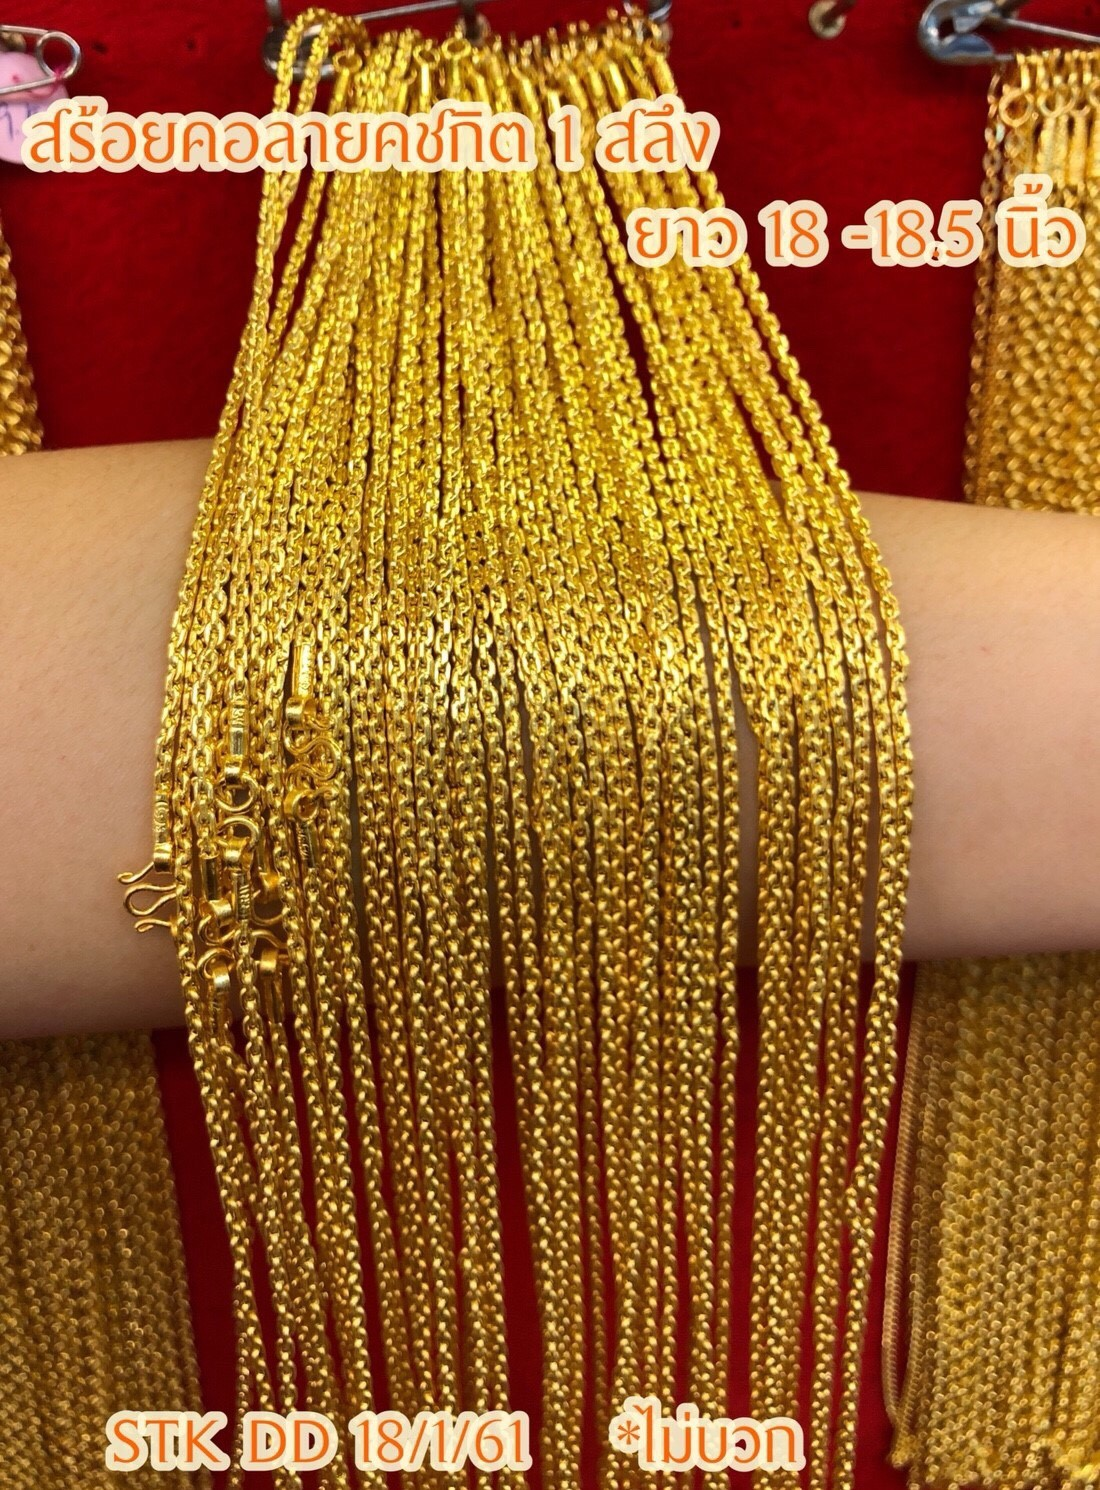 สร้อยคอทองแท้ 96.5% หนัก 3.8 กรัม (1 สลึง)